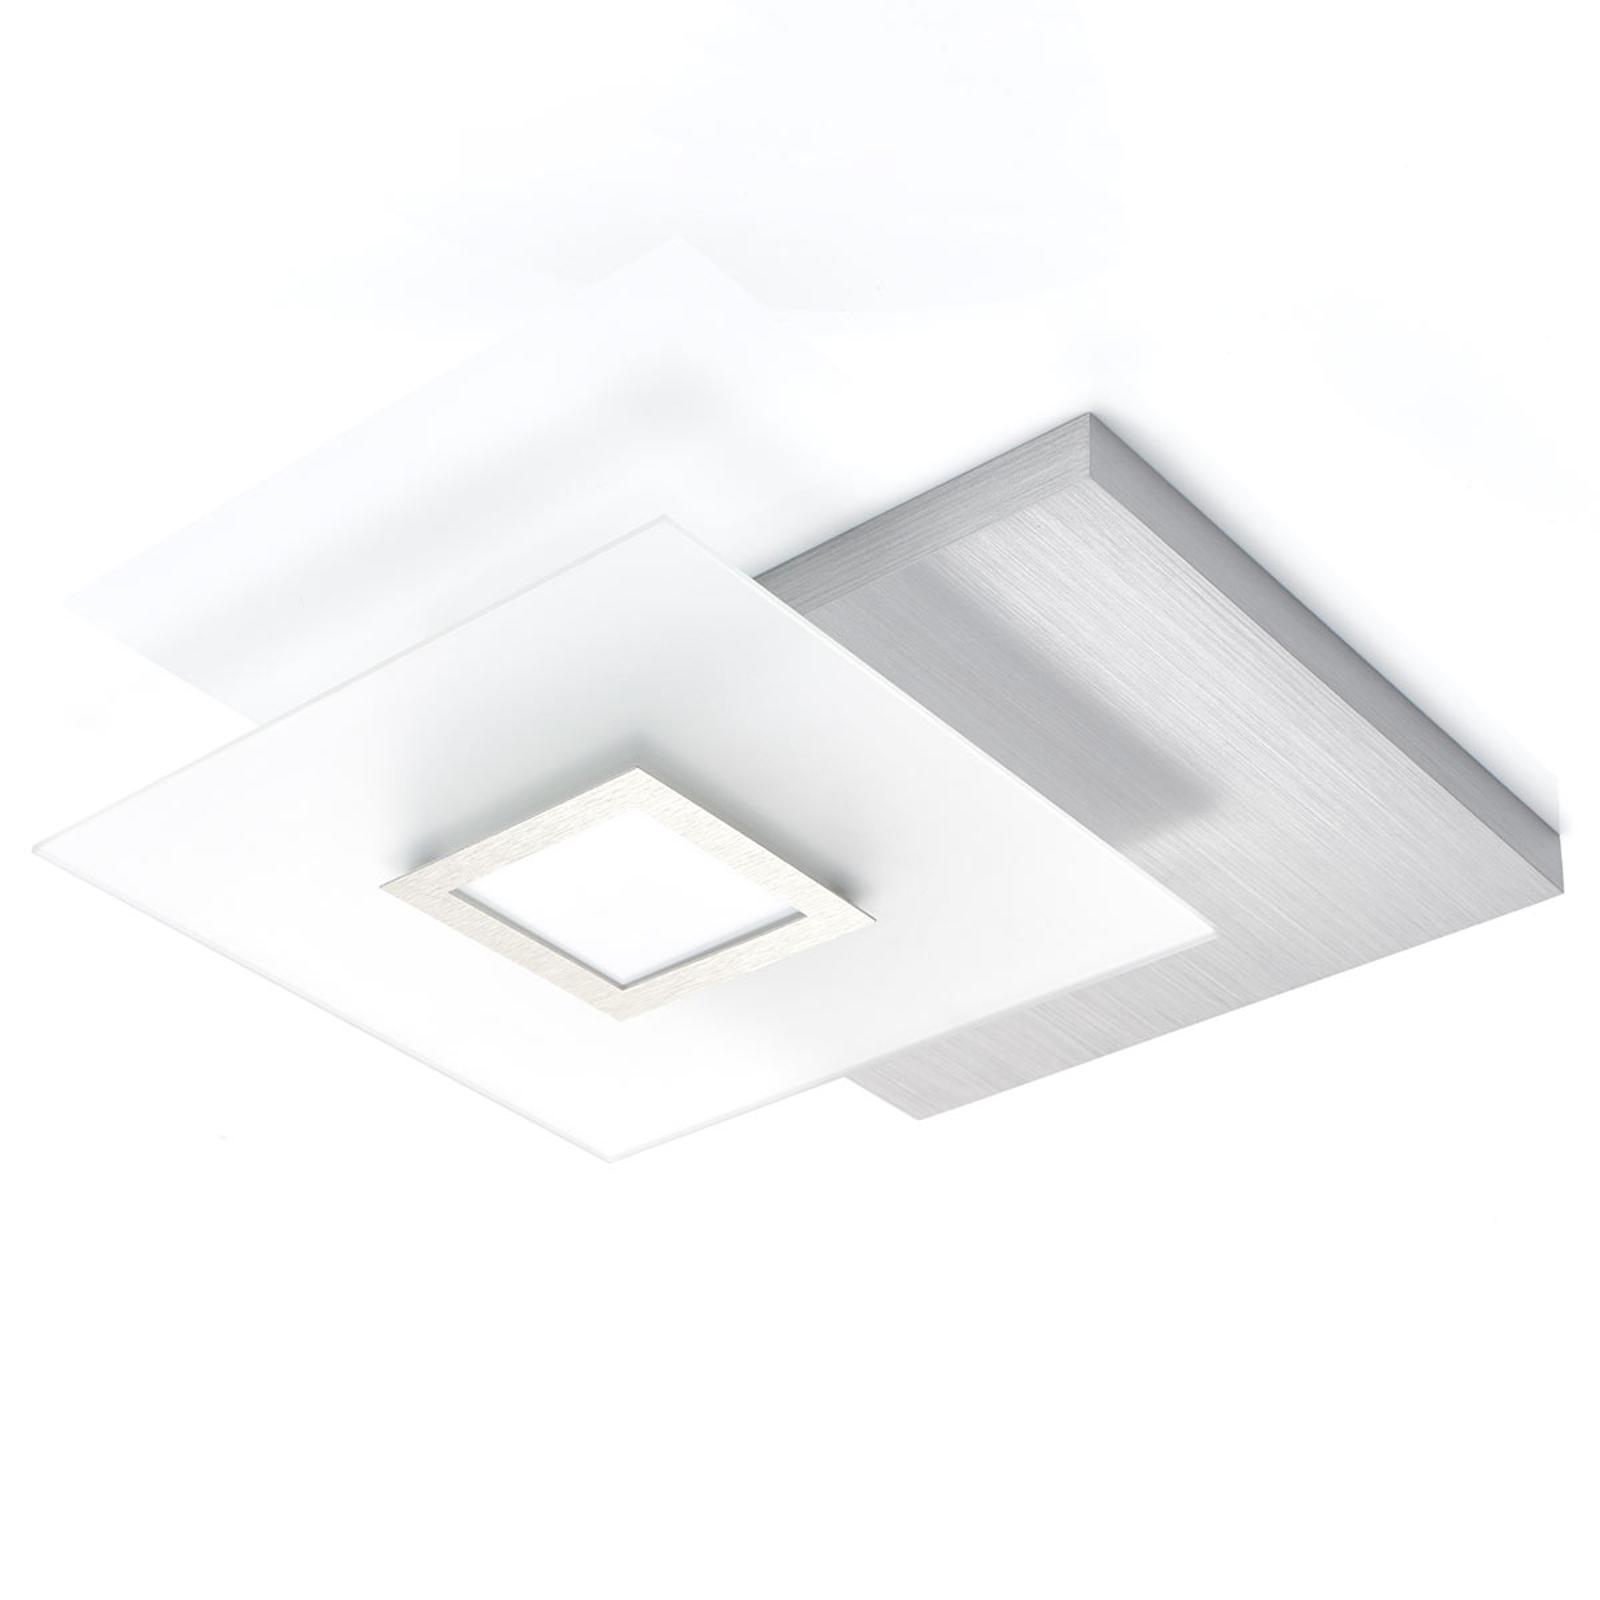 Atrakcyjna lampa sufitowa LED Flat, ściemniana